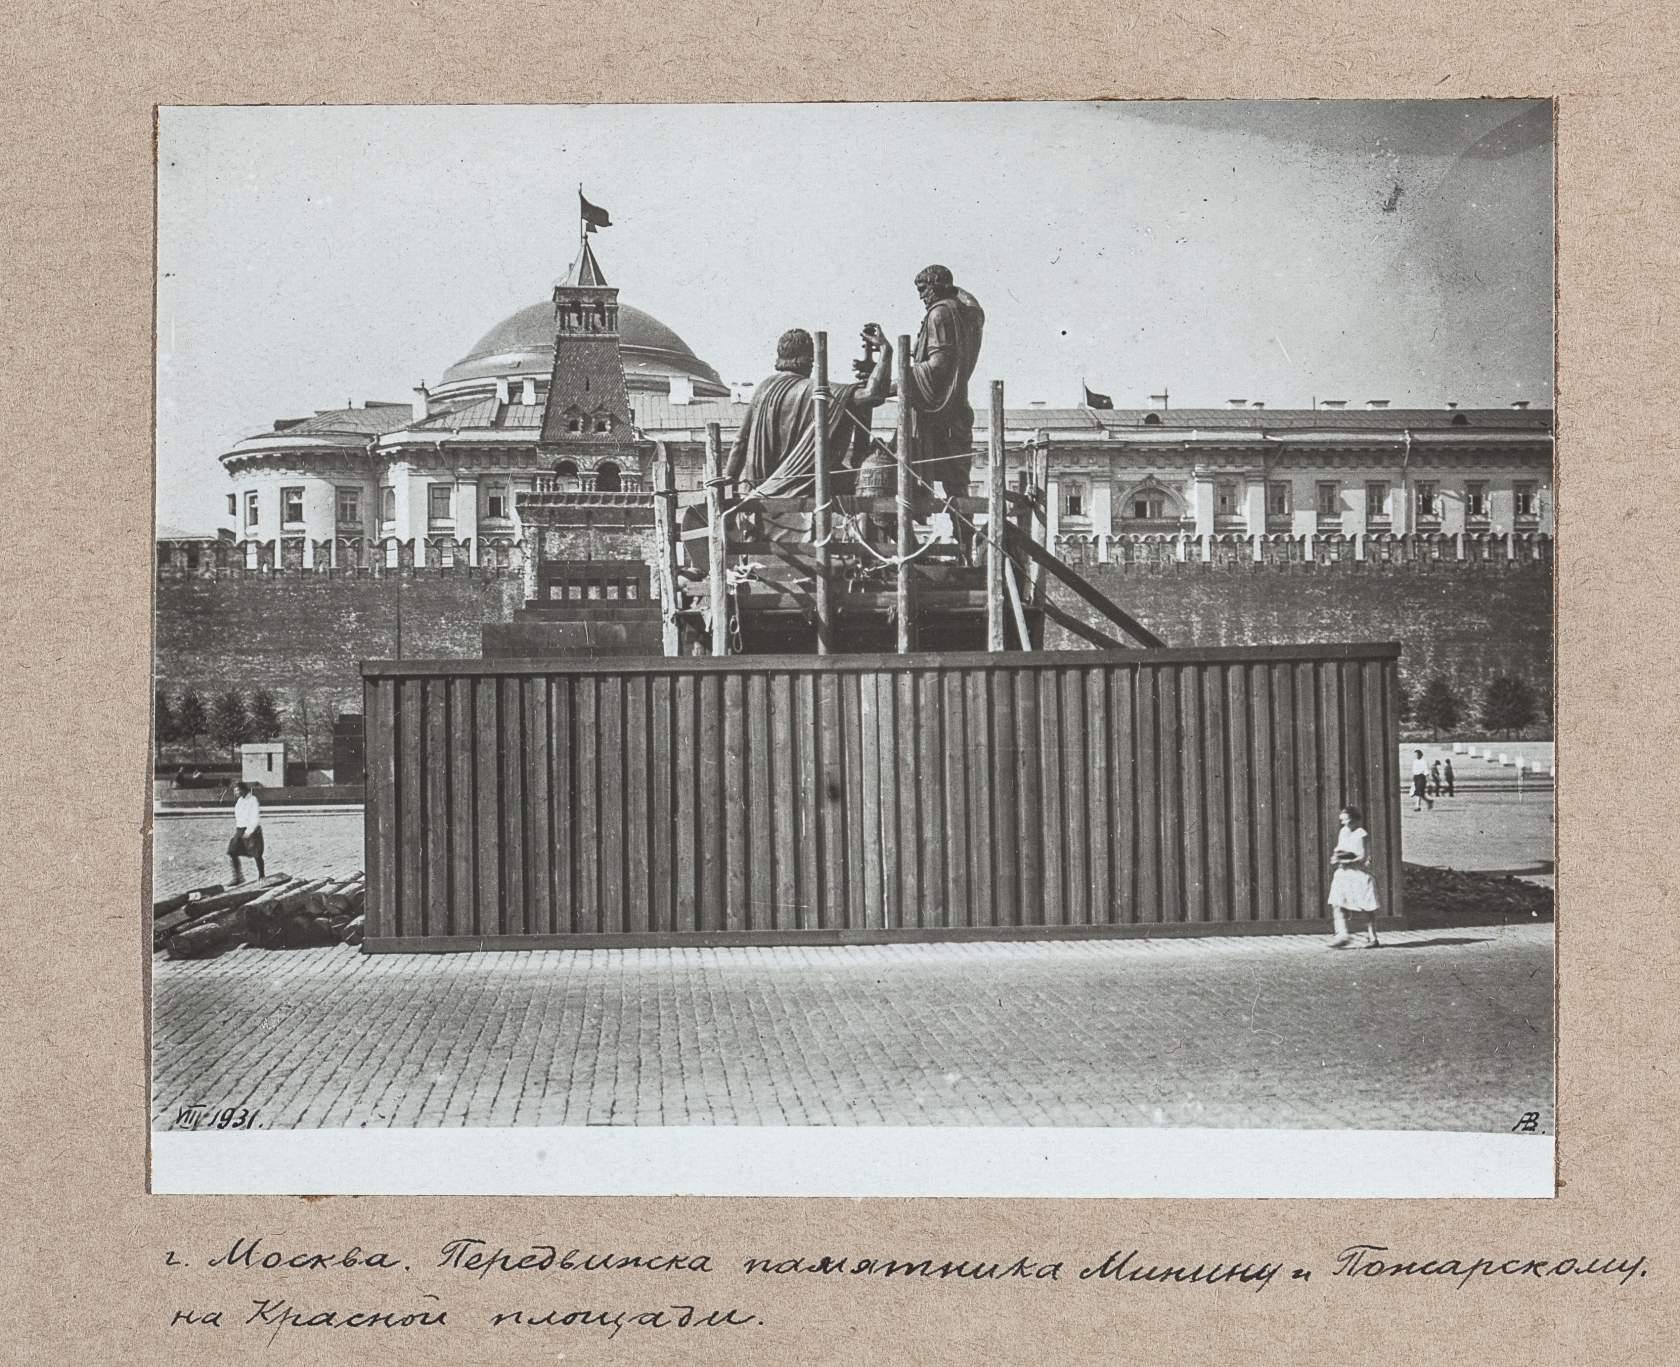 1931. Передвижка памятника Минину и Пожарскому на Красной площади